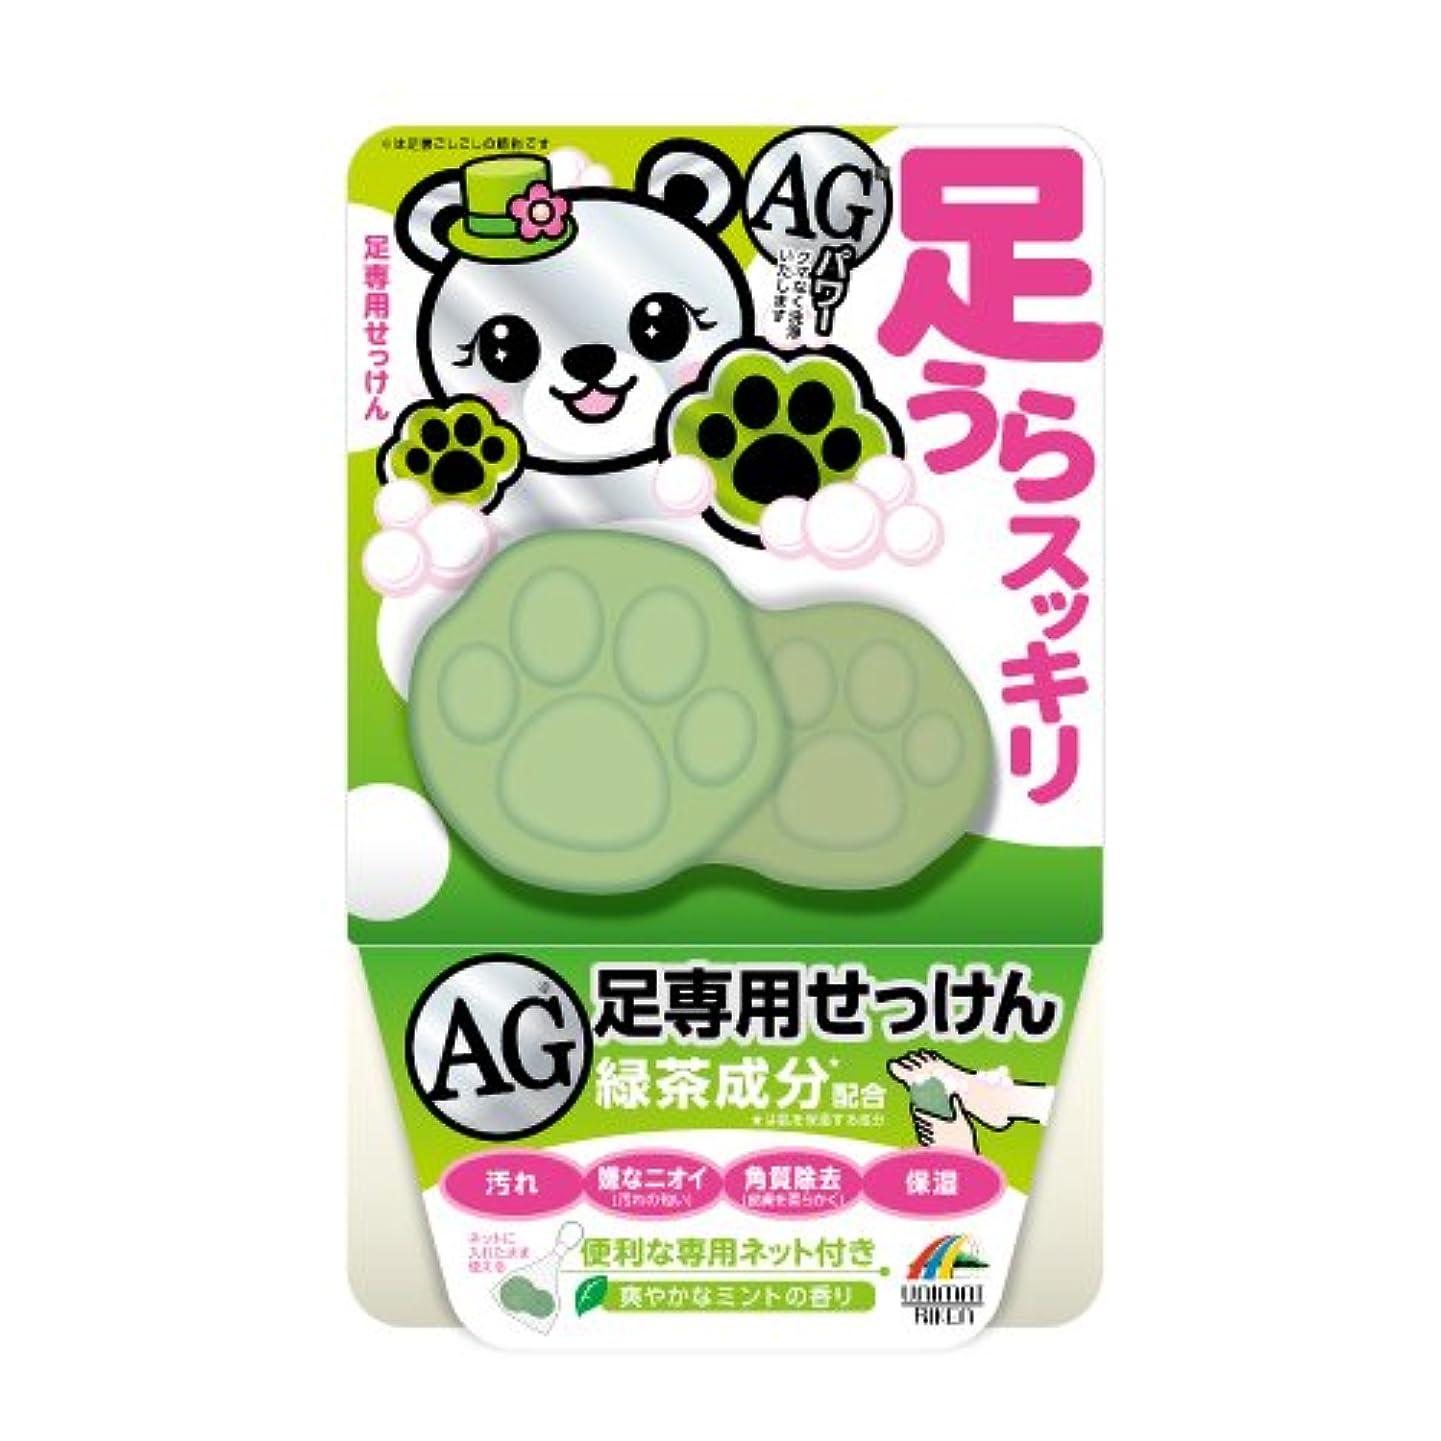 不快付与モジュールユニマットリケン 足裏スッキリAG石鹸(緑茶成分配合) 70g